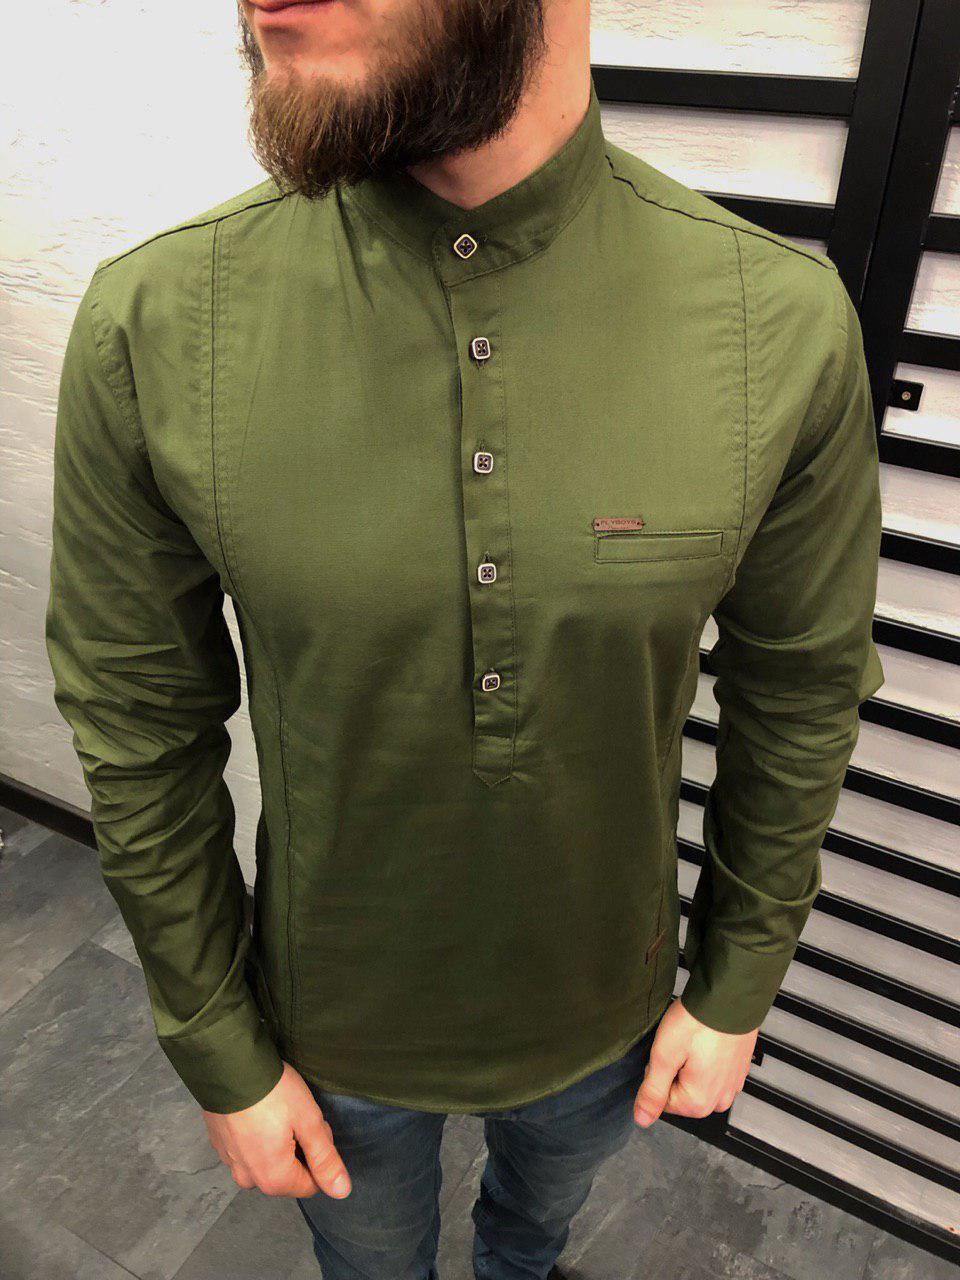 1f9f17ac0c8 Мужская рубашка хаки 0015 - Компания